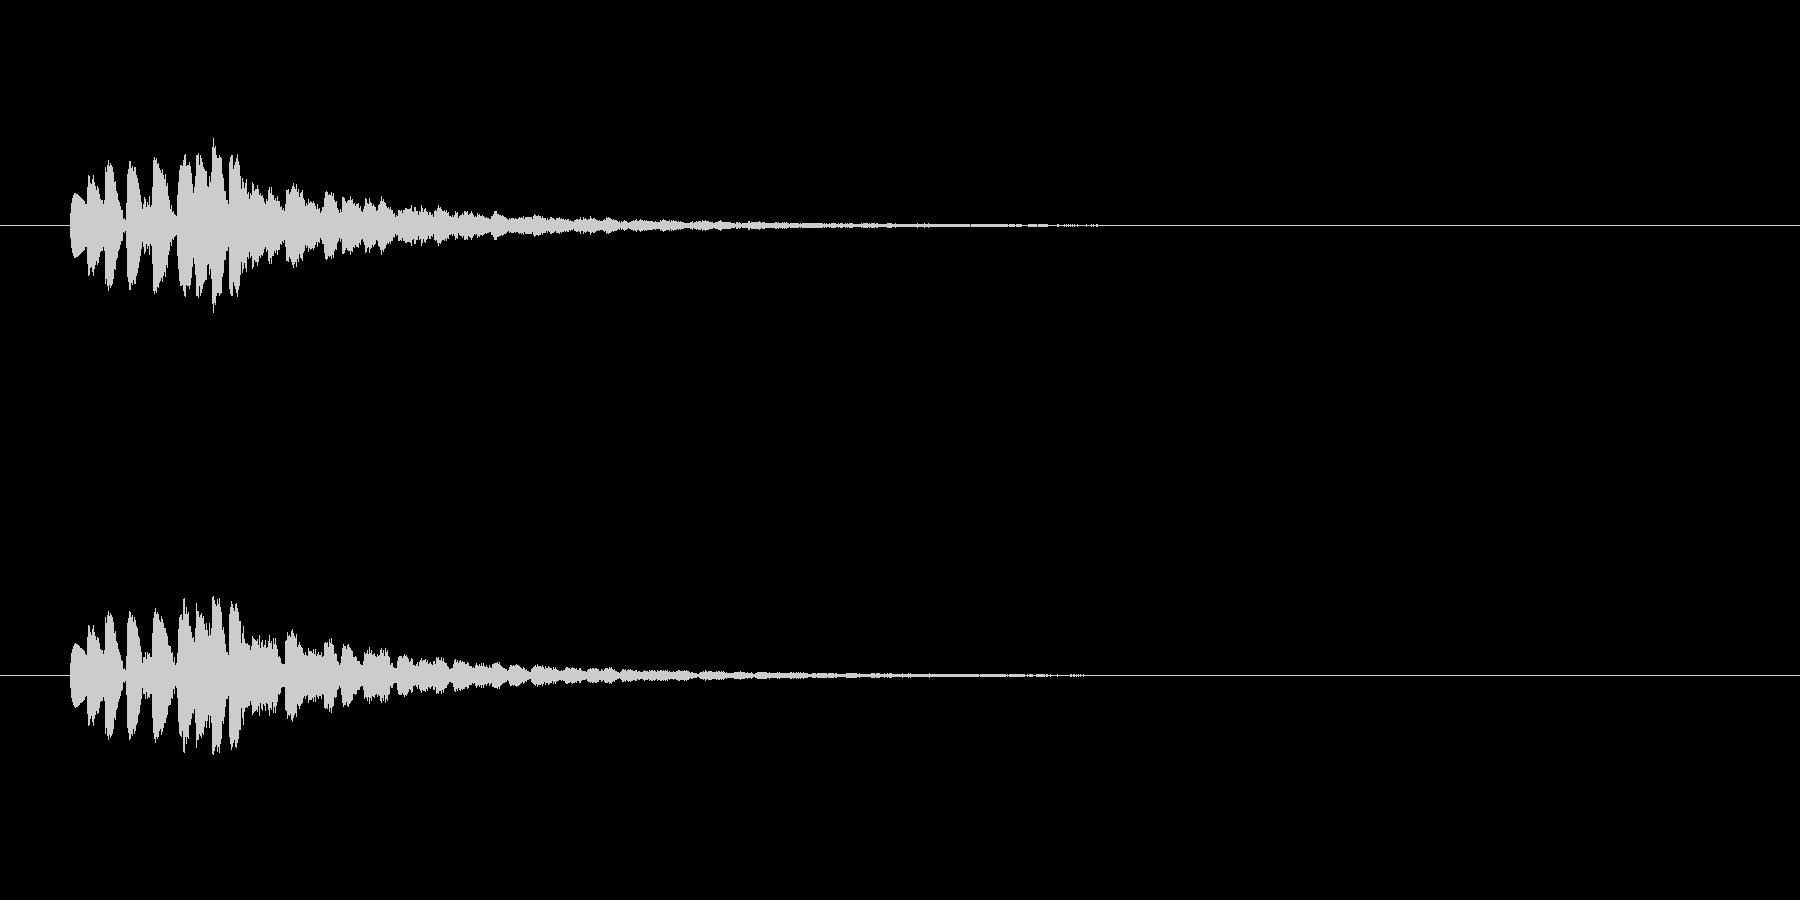 【ショートブリッジ17-4】の未再生の波形